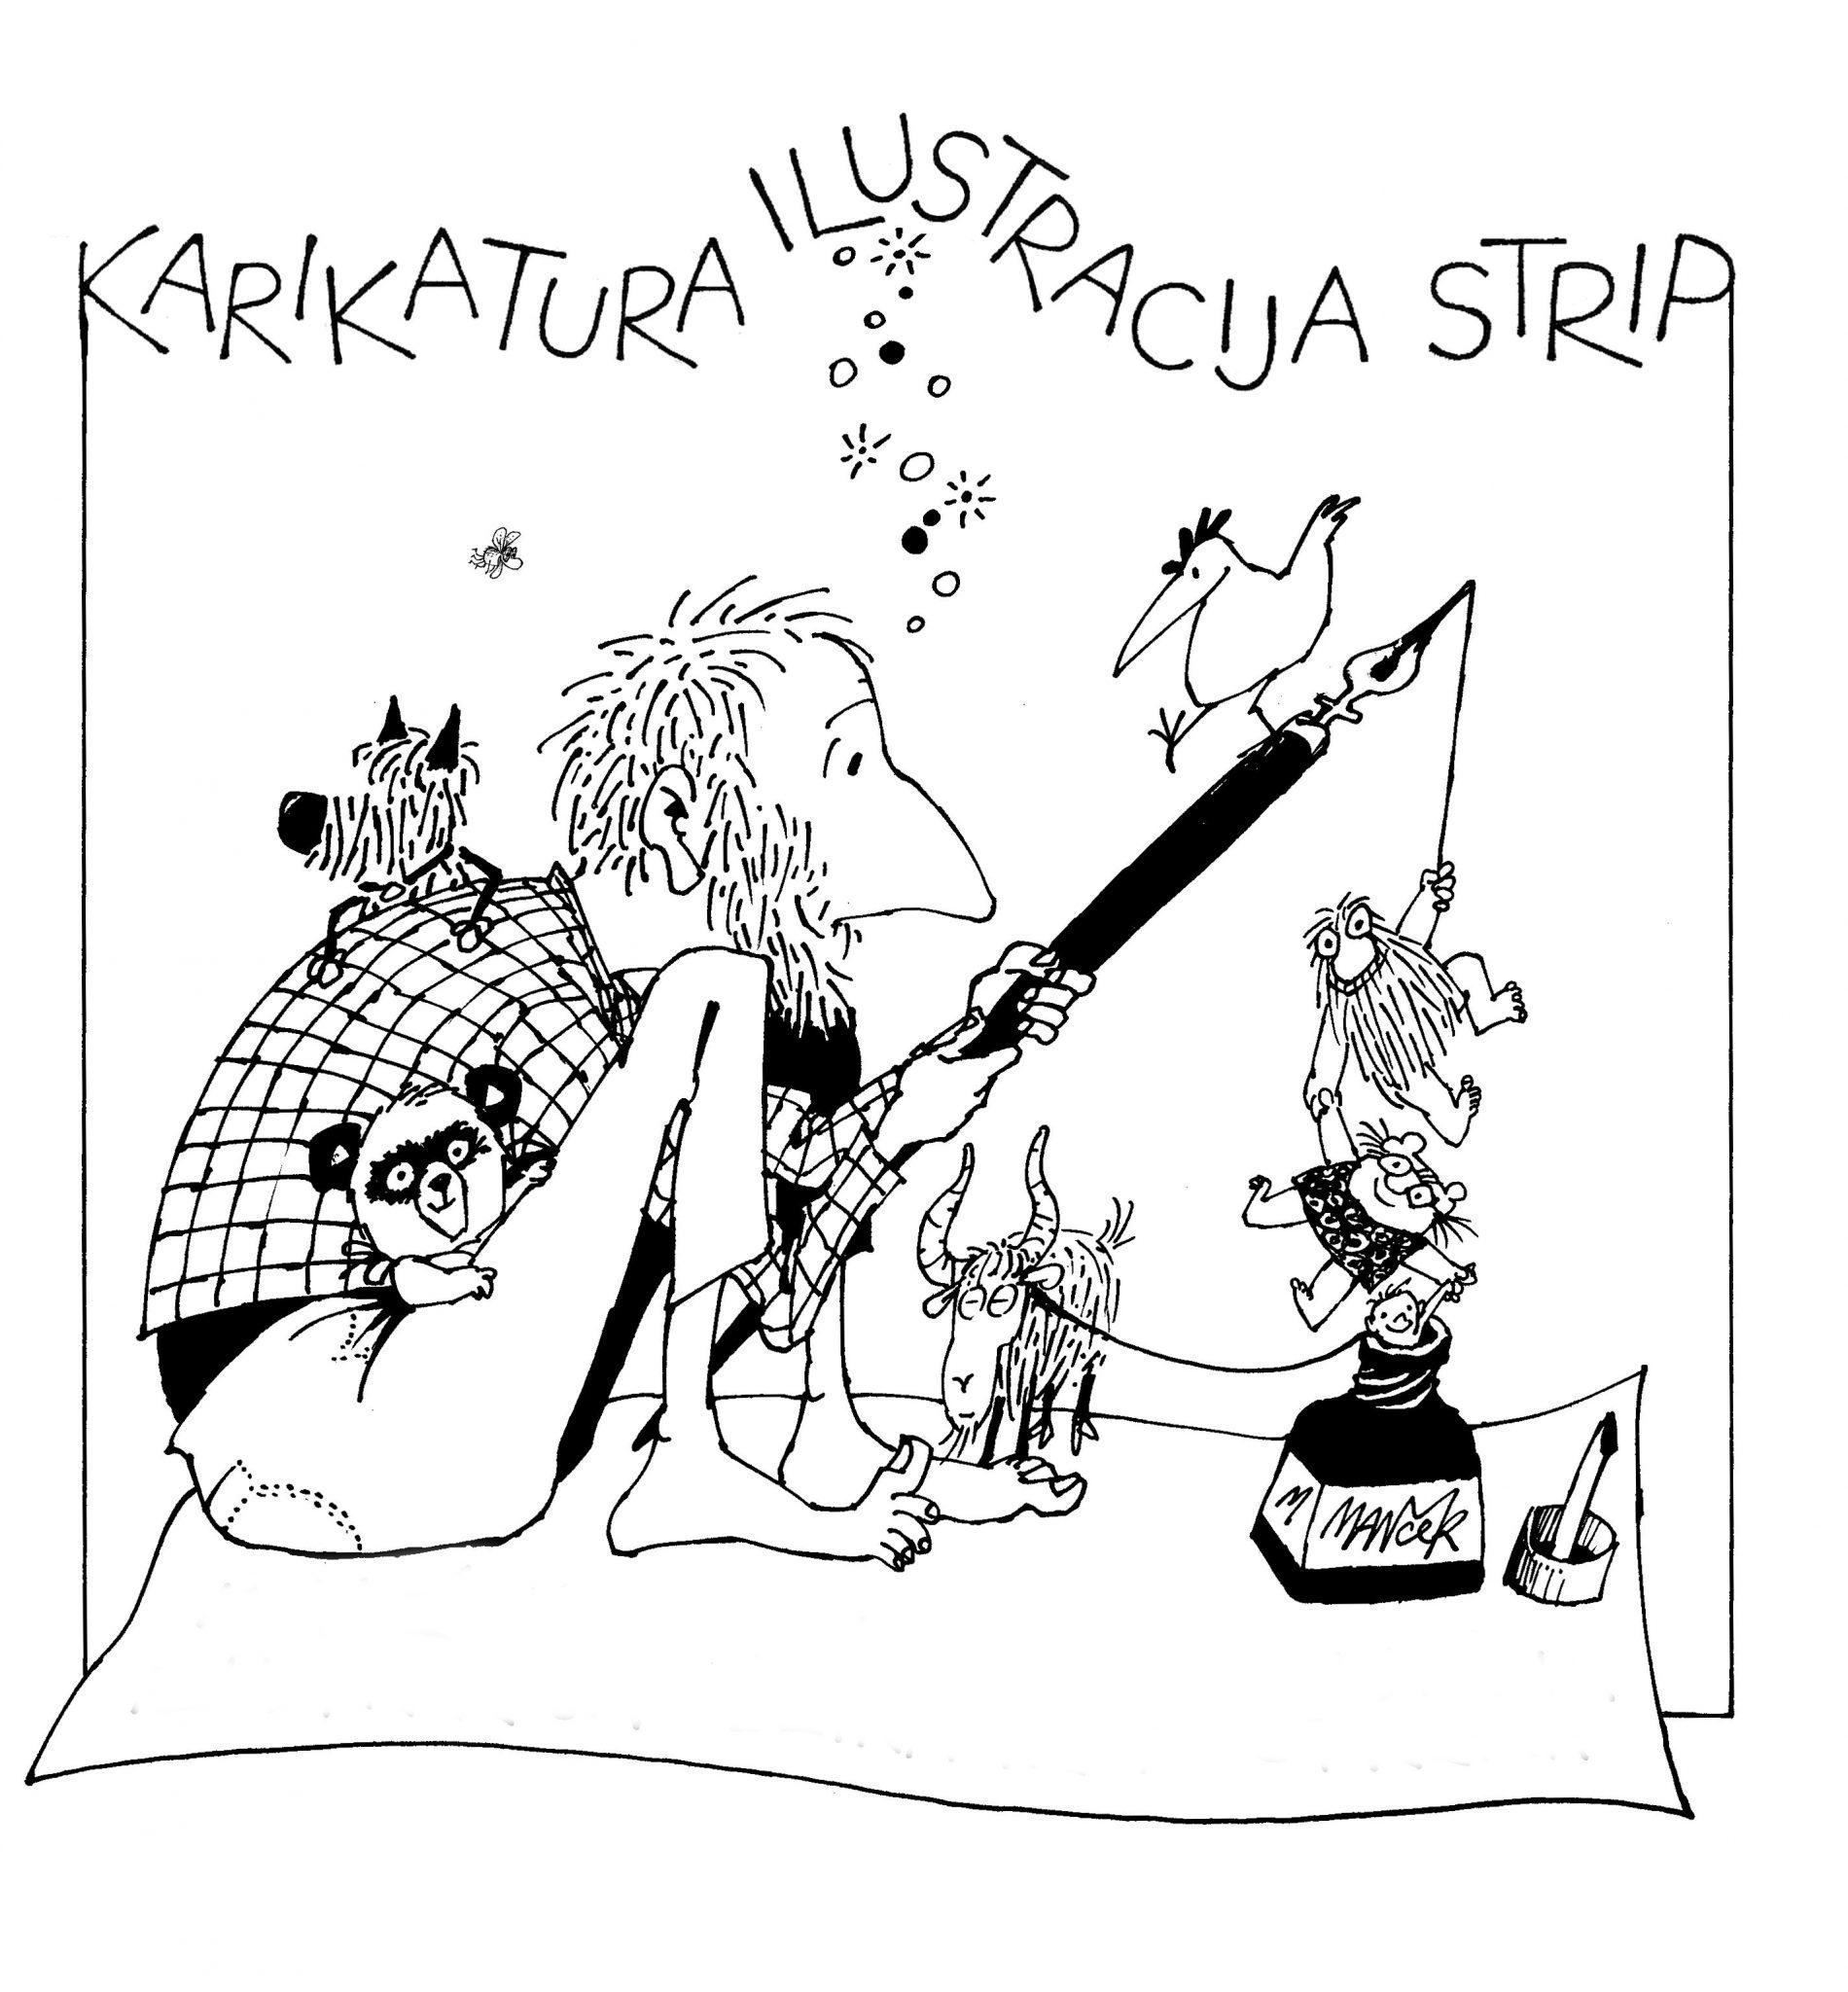 MM karikatura - Marjan Manček - otvoritev razstave ob 70. jubileju